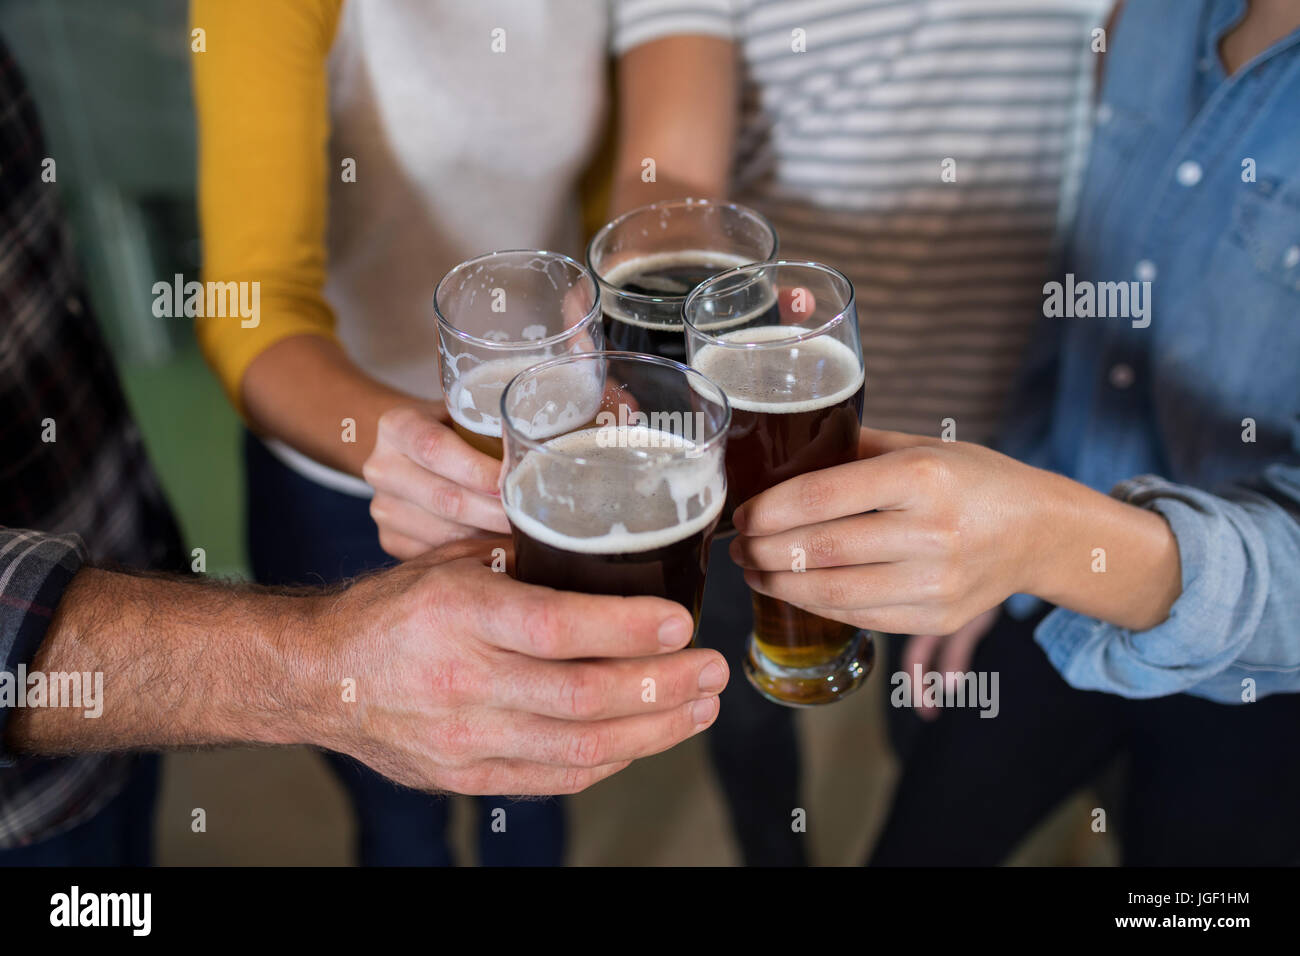 Les mains coupées de friends toasting drinks à l'usine Photo Stock